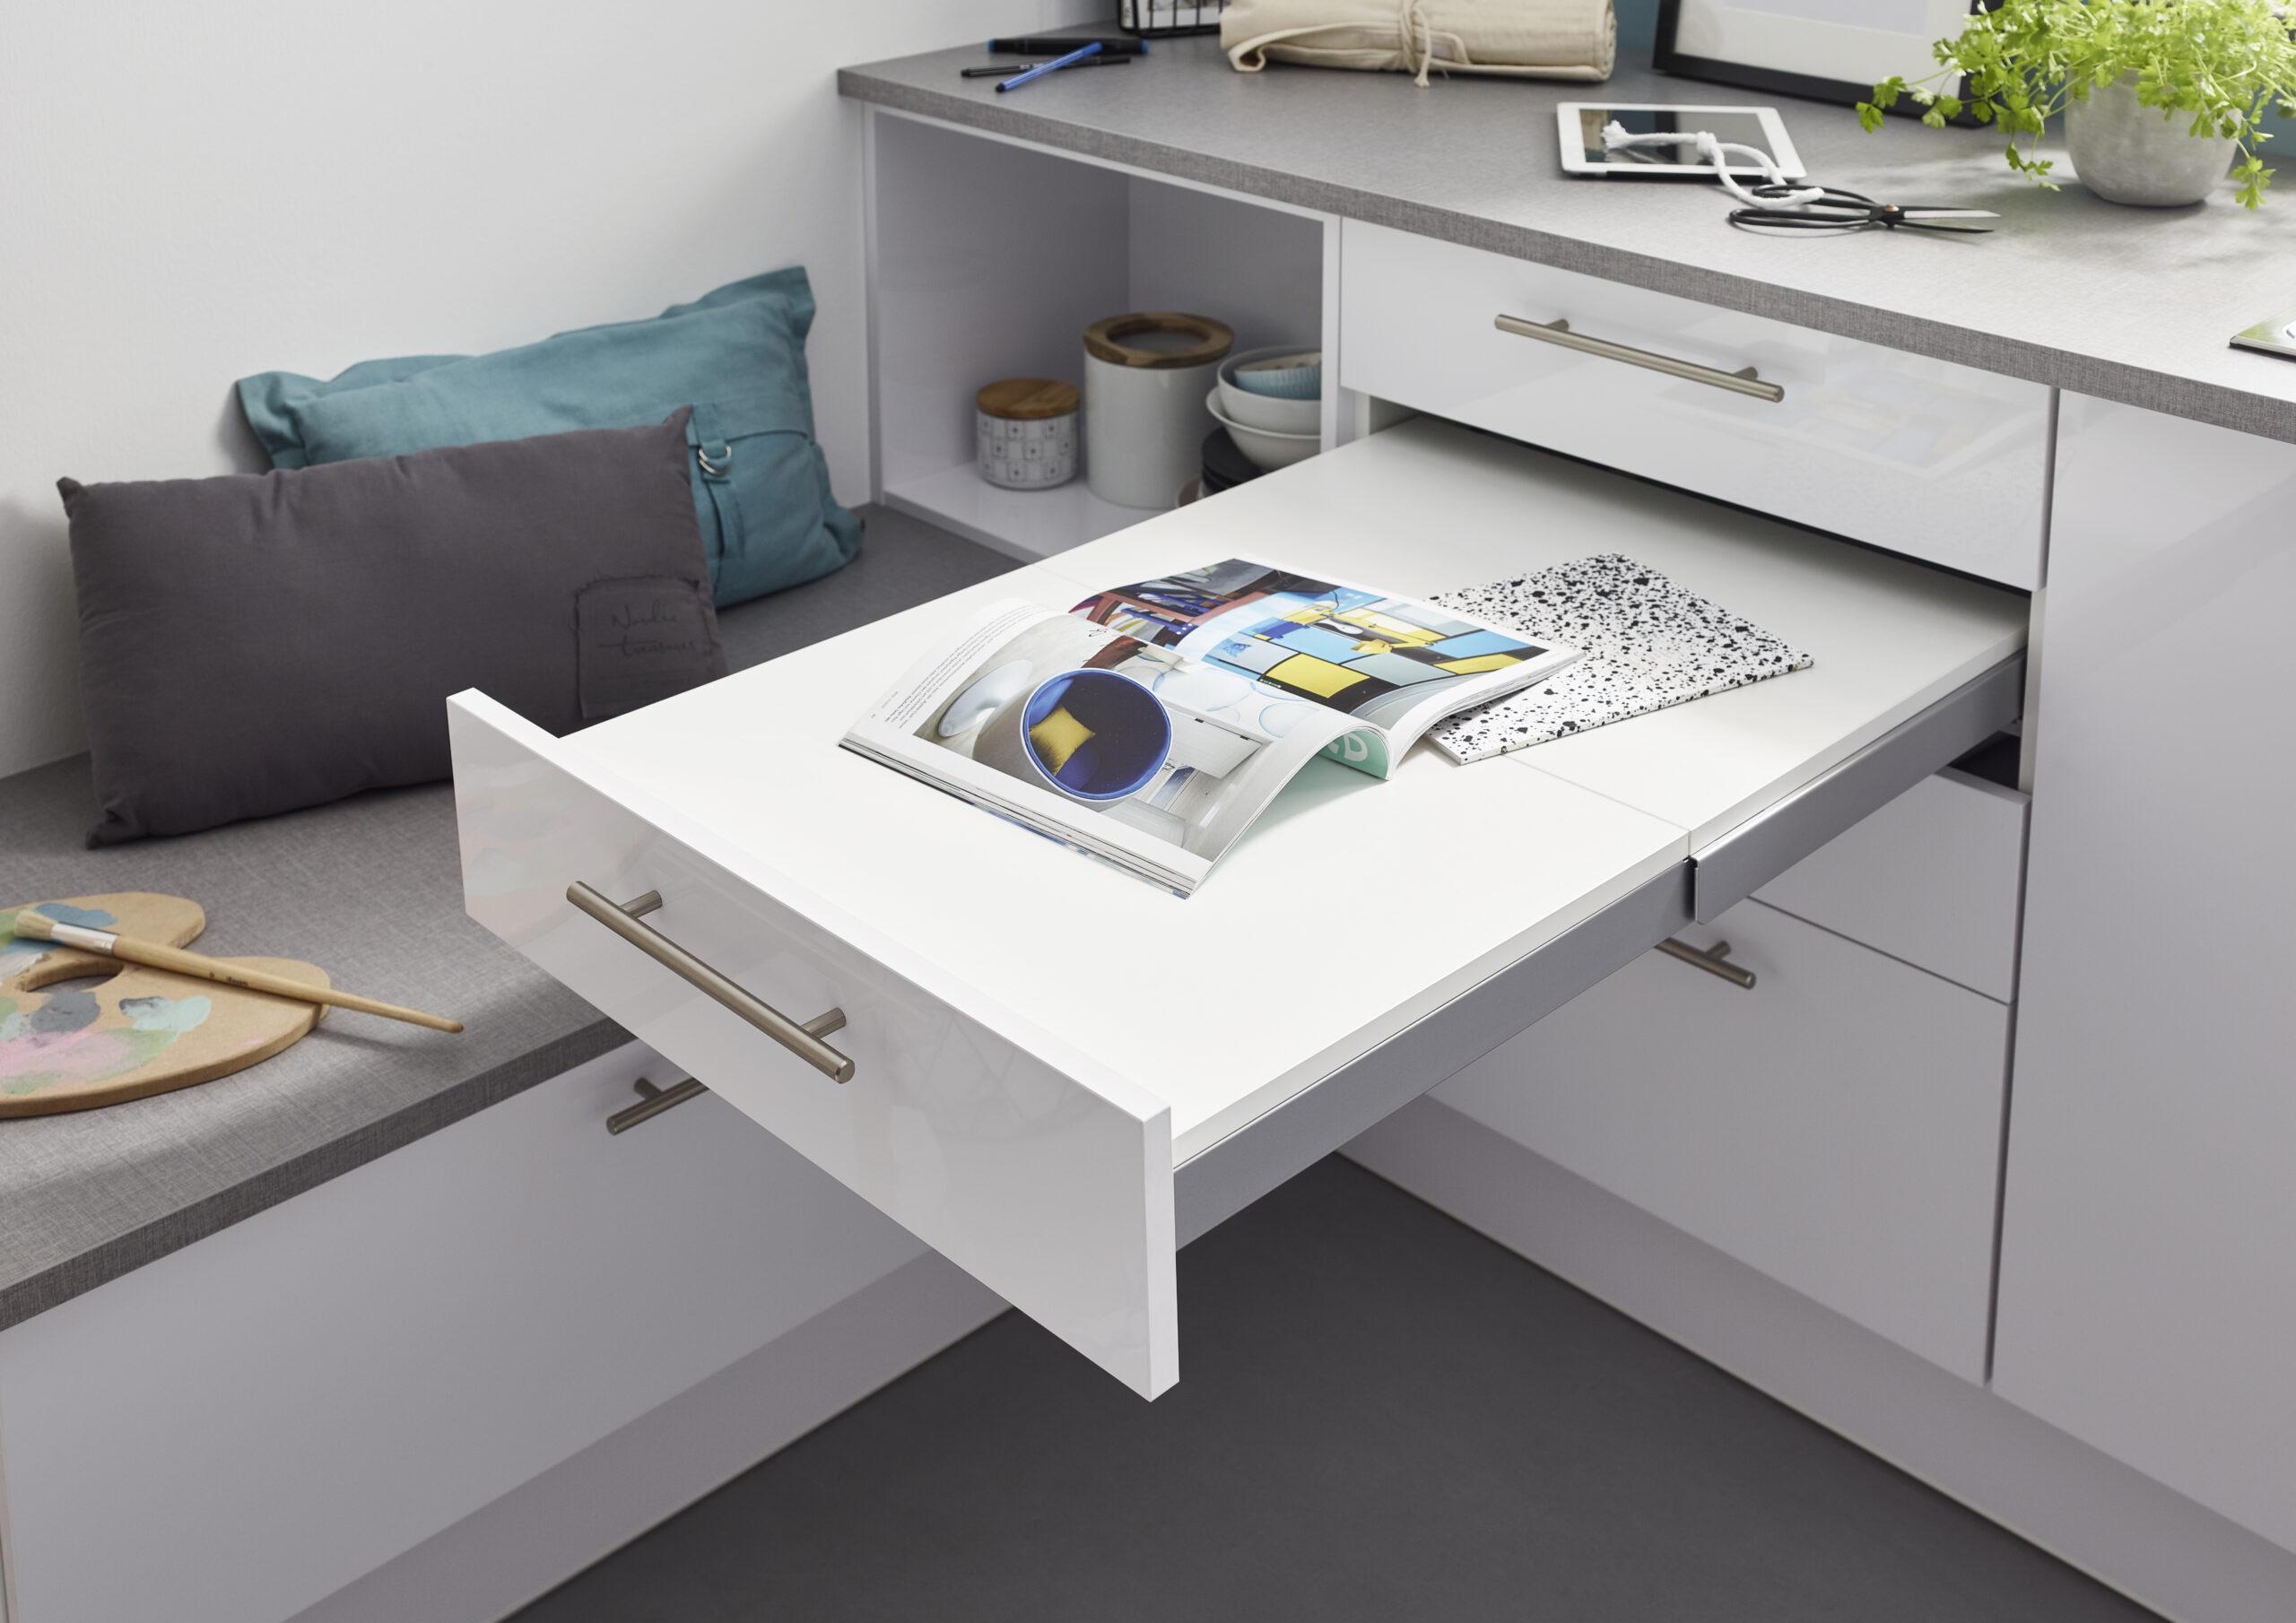 Full Size of Küchenkarussell Clevere Ausstattung Fr Eine Perfekt Organisierte Kche Kcheco Wohnzimmer Küchenkarussell